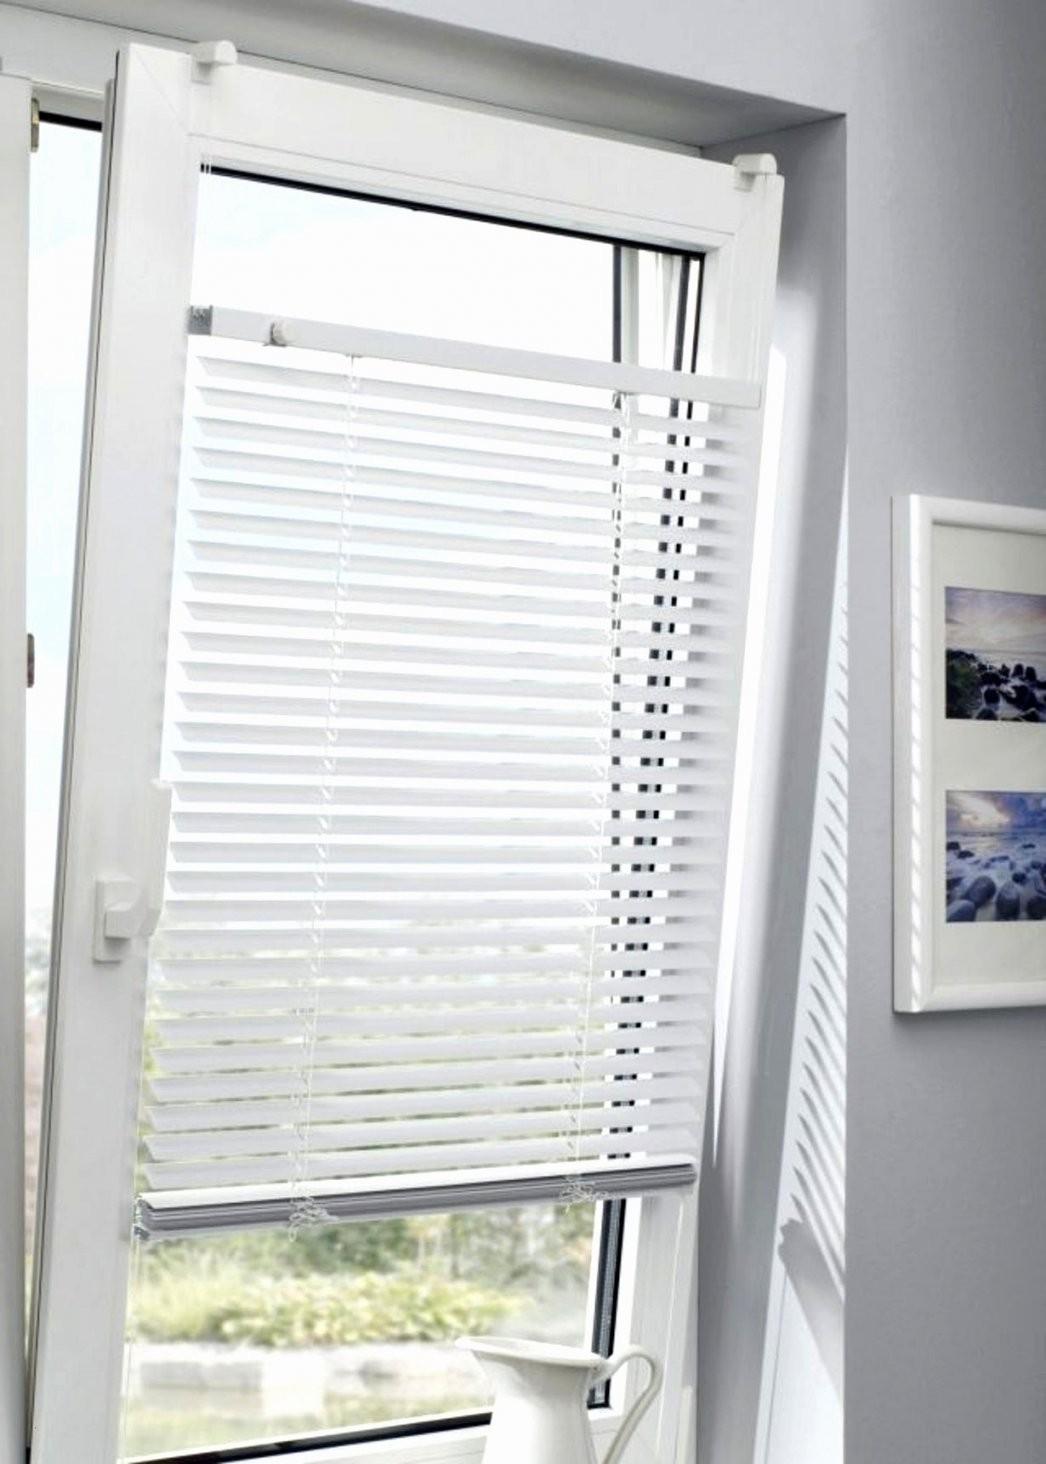 Elegant Fenster Jalousien Innen Ohne Bohren  Lapetitemaisonnyc von Fenster Rollos Innen Ohne Bohren Bild